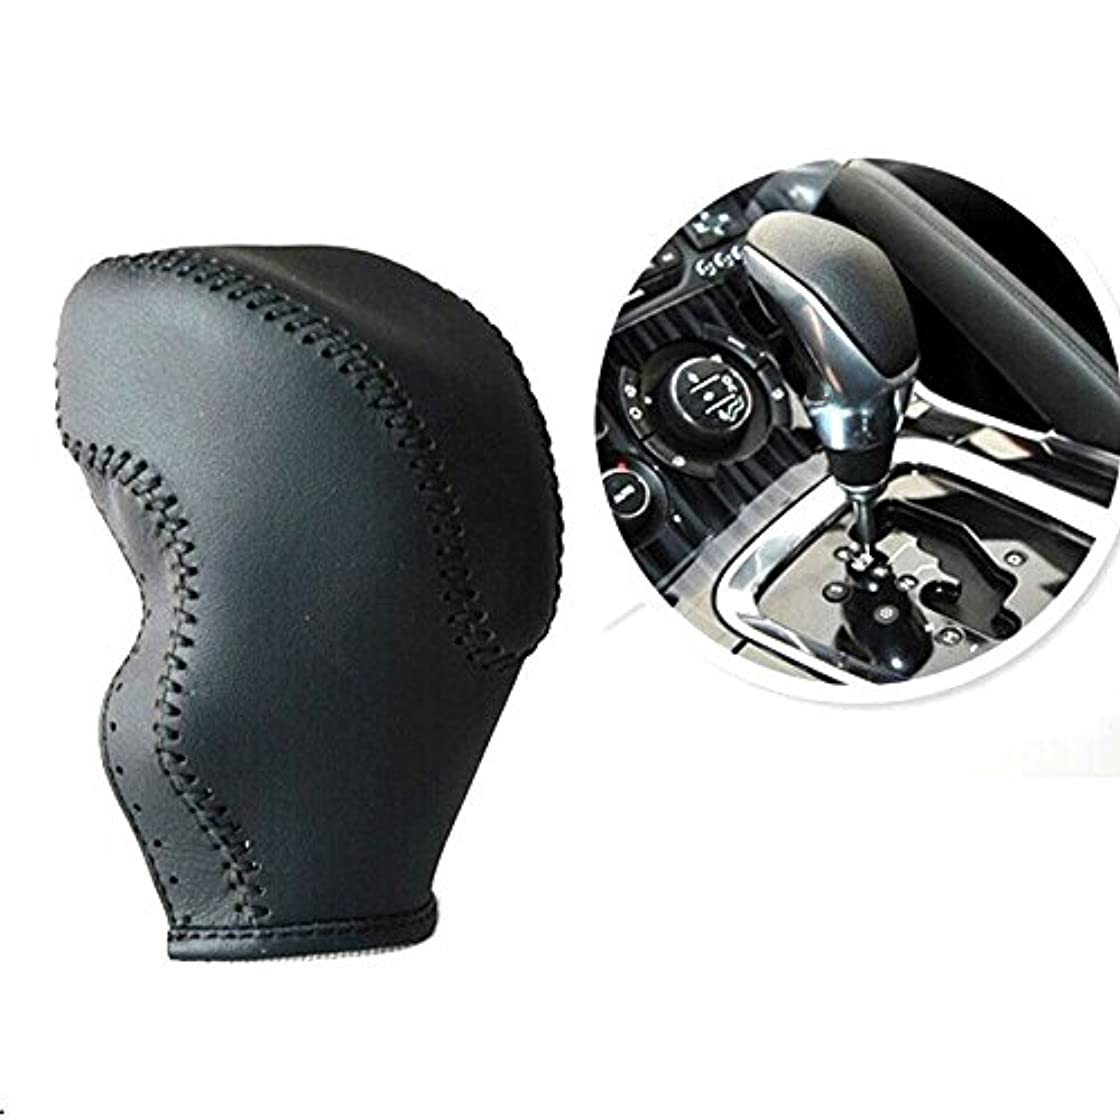 ハーフパートナー乗り出すJicorzo - プジョー3008 2014から16のために車のブラックレザー変速ノブ装飾カバートリムインテリアスタイリングアクセサリーフィット